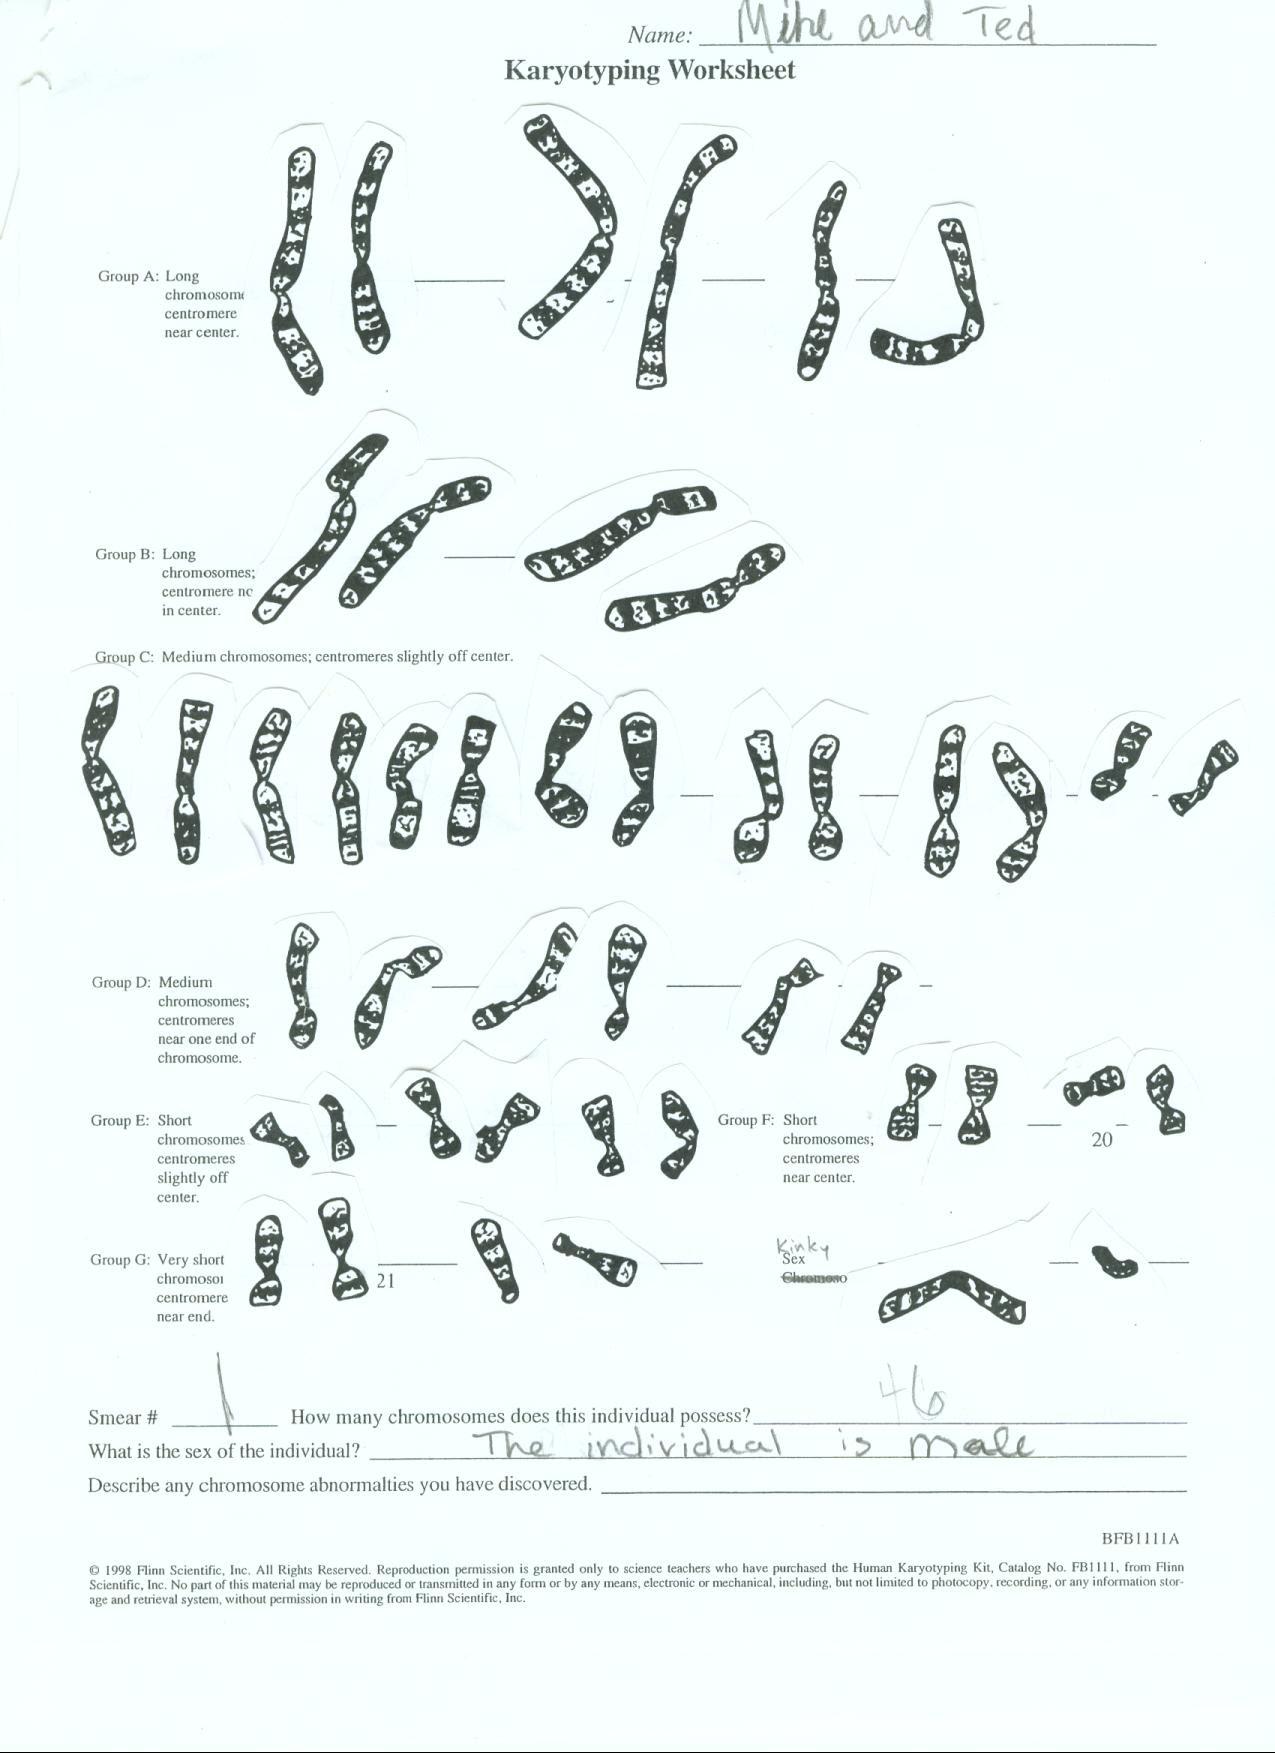 35 Karyotype Analysis Worksheet Answers - Worksheet ...